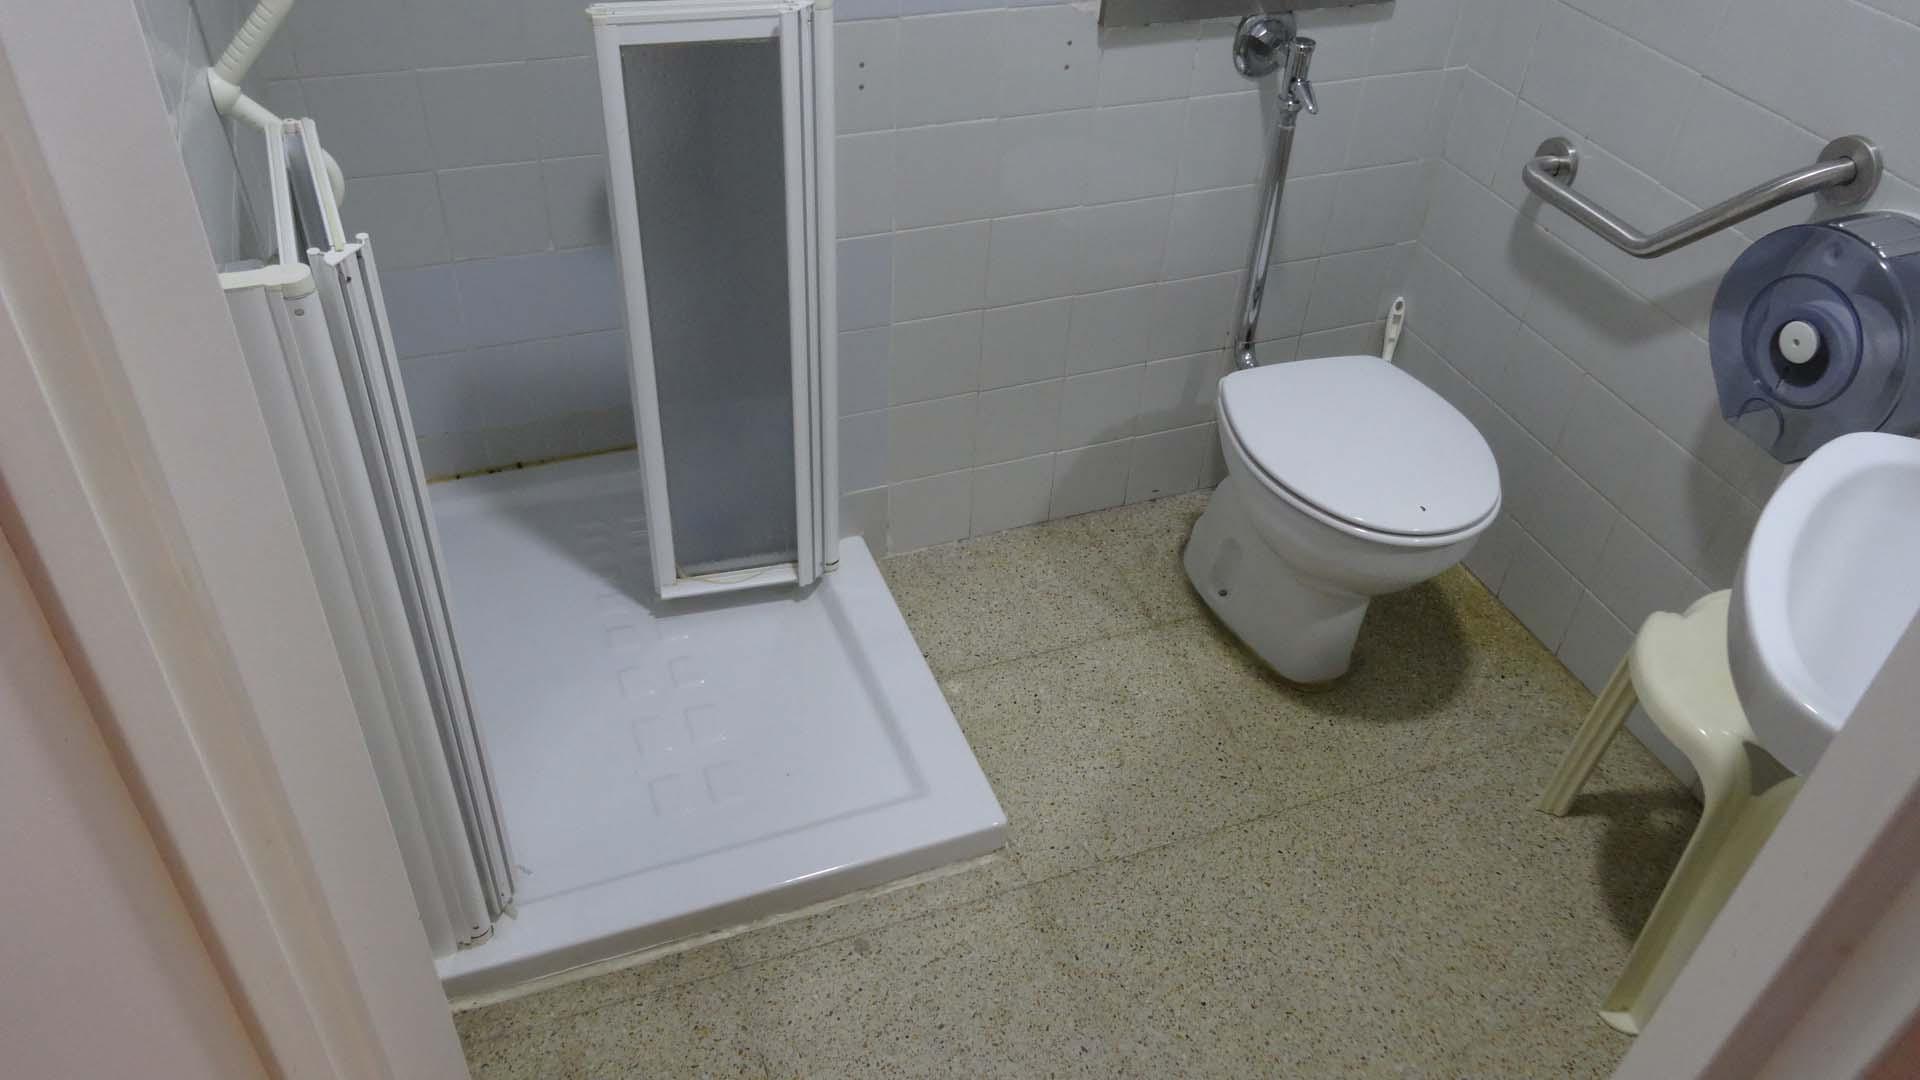 remplacement baignoire par douche de duchaya hospital mendaro 4 duchaya. Black Bedroom Furniture Sets. Home Design Ideas